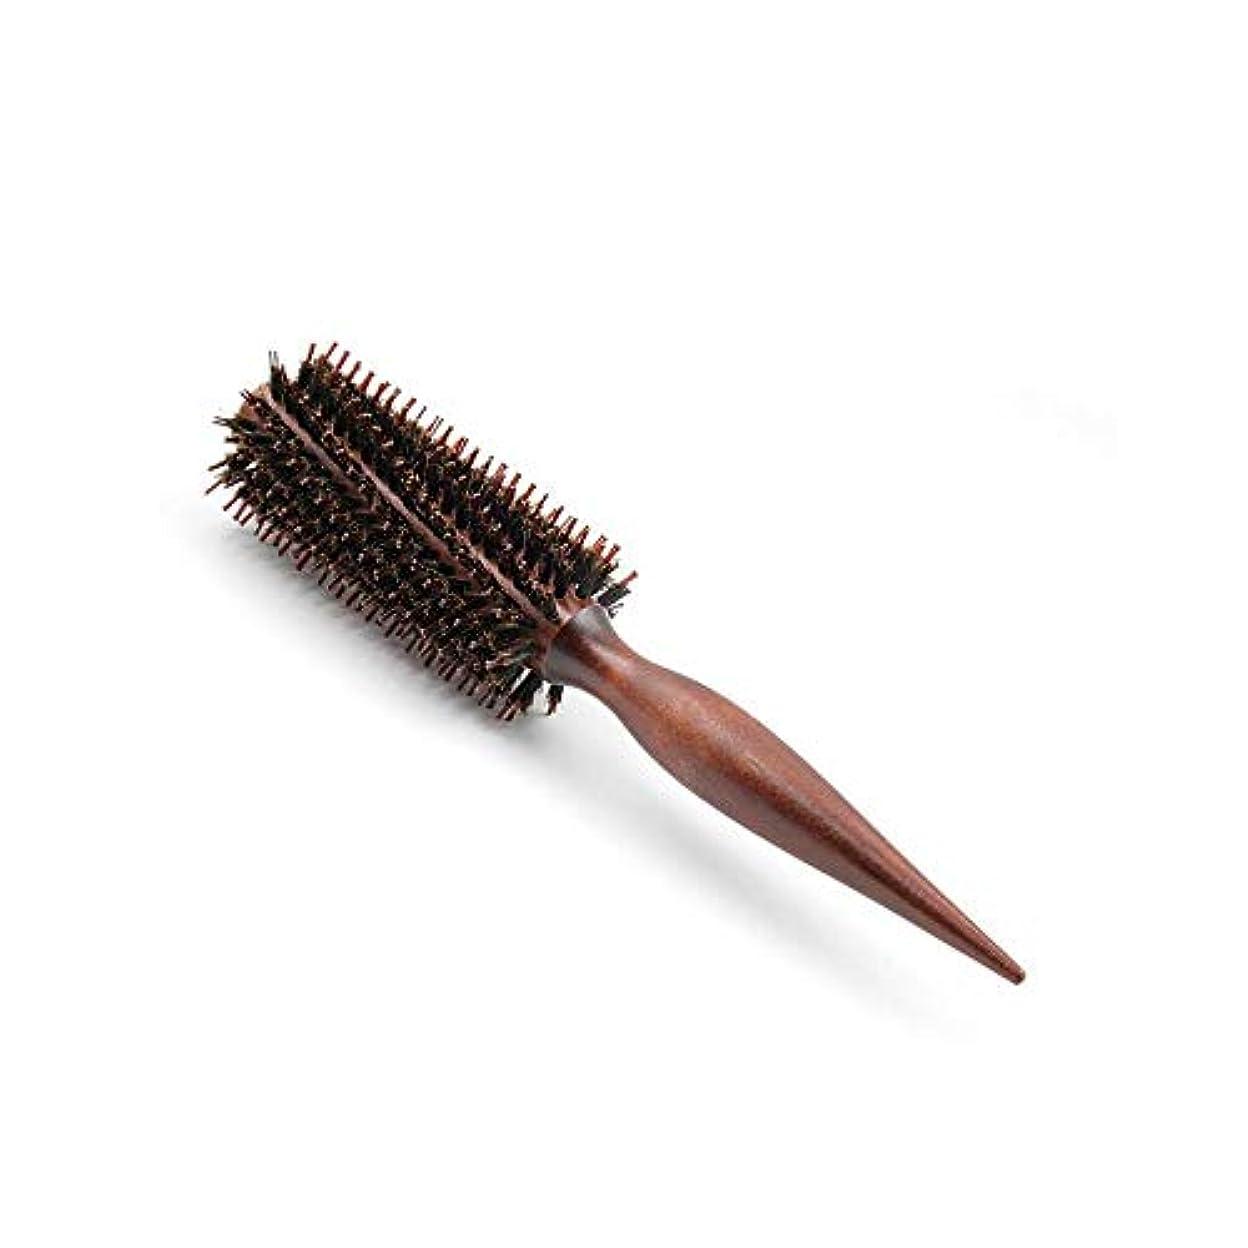 オン引数コンプライアンスWASAIO 大広間の設計のための毛のブラシの剛毛の円形のブラシの打撃の乾燥した木の圧延の櫛 (Design : Twill, サイズ : 10 rows)